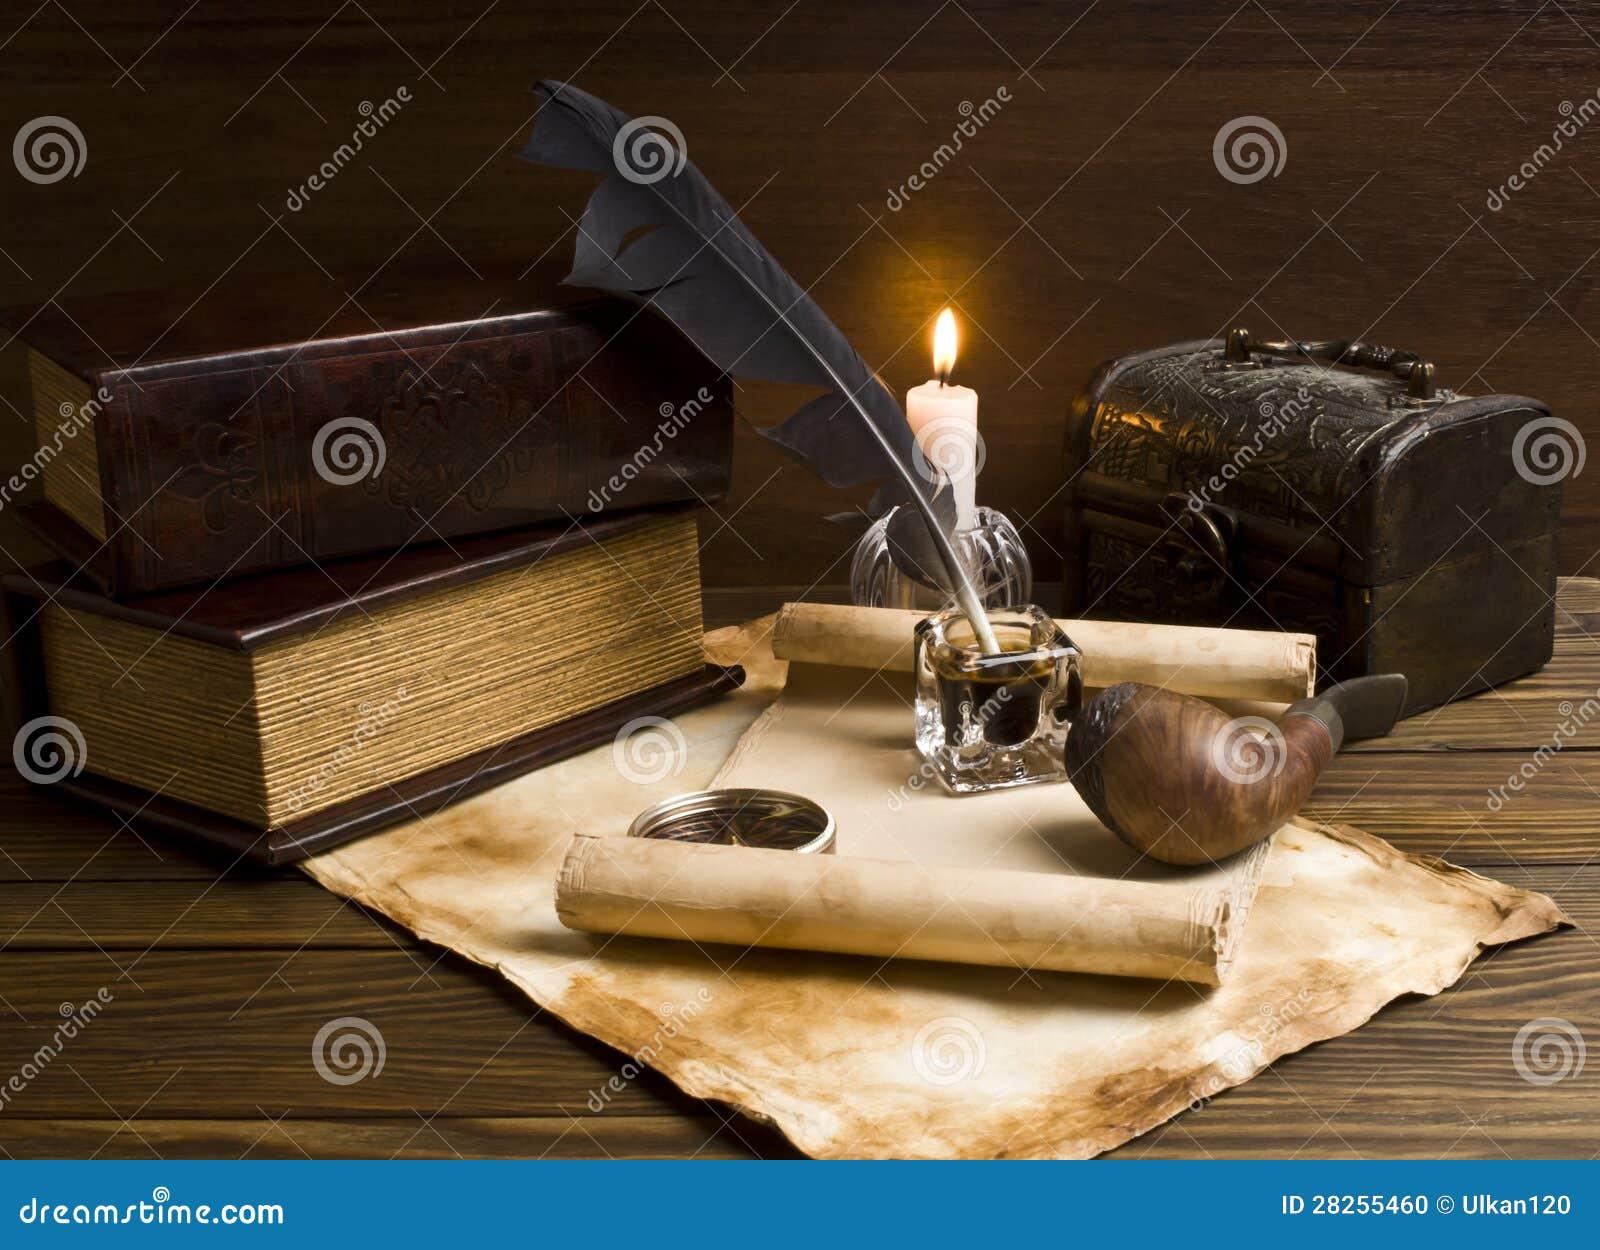 Старые бумаги и книги на деревянной таблице